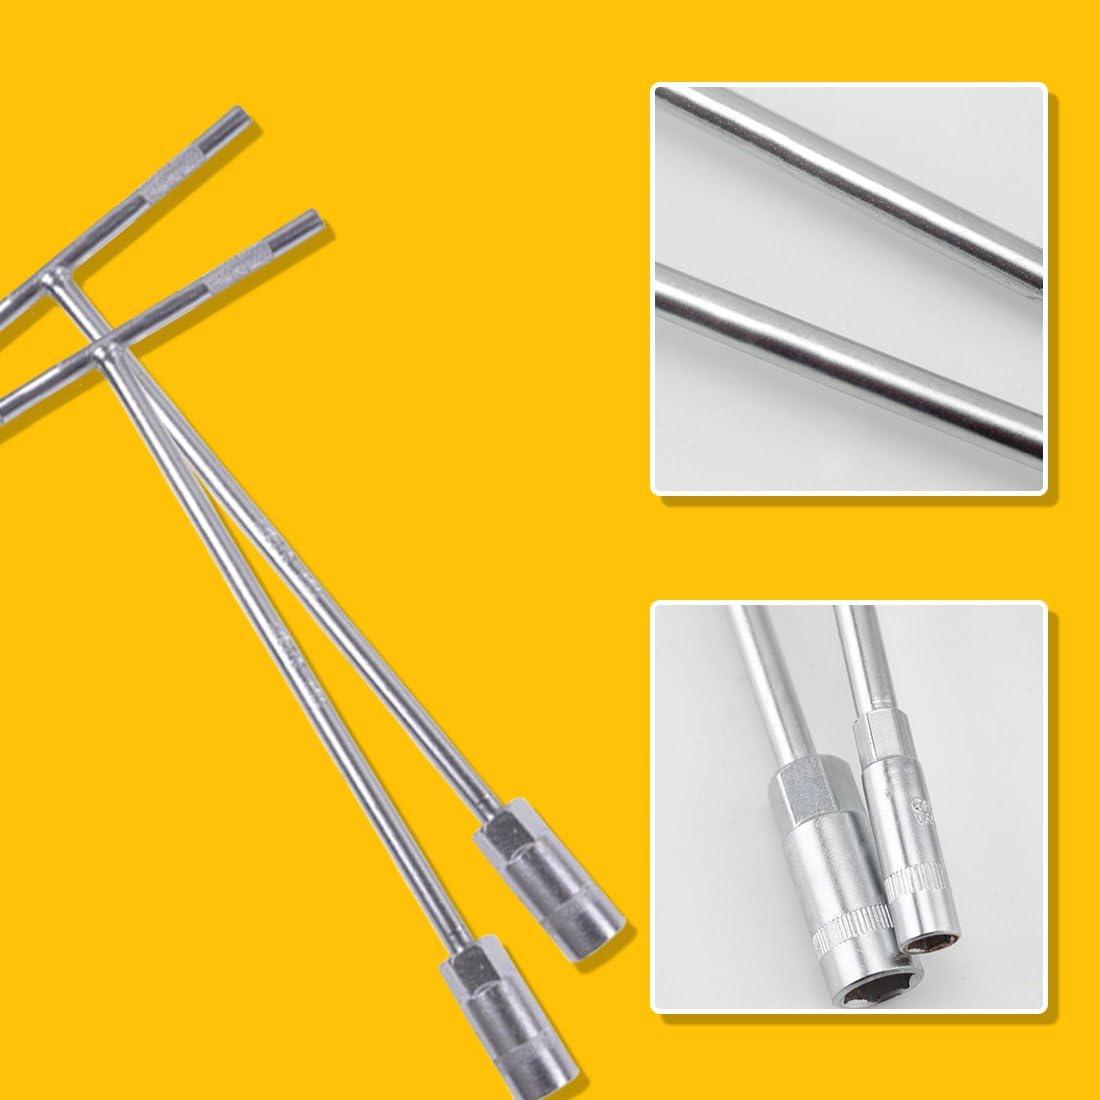 8 mm T Bar Sockel Schraubenzieher Schl/üssel Schl/üssel Metrisches Chrom Vanadium Bolzen Abbau Mutter Spinner Handwerkzeuge